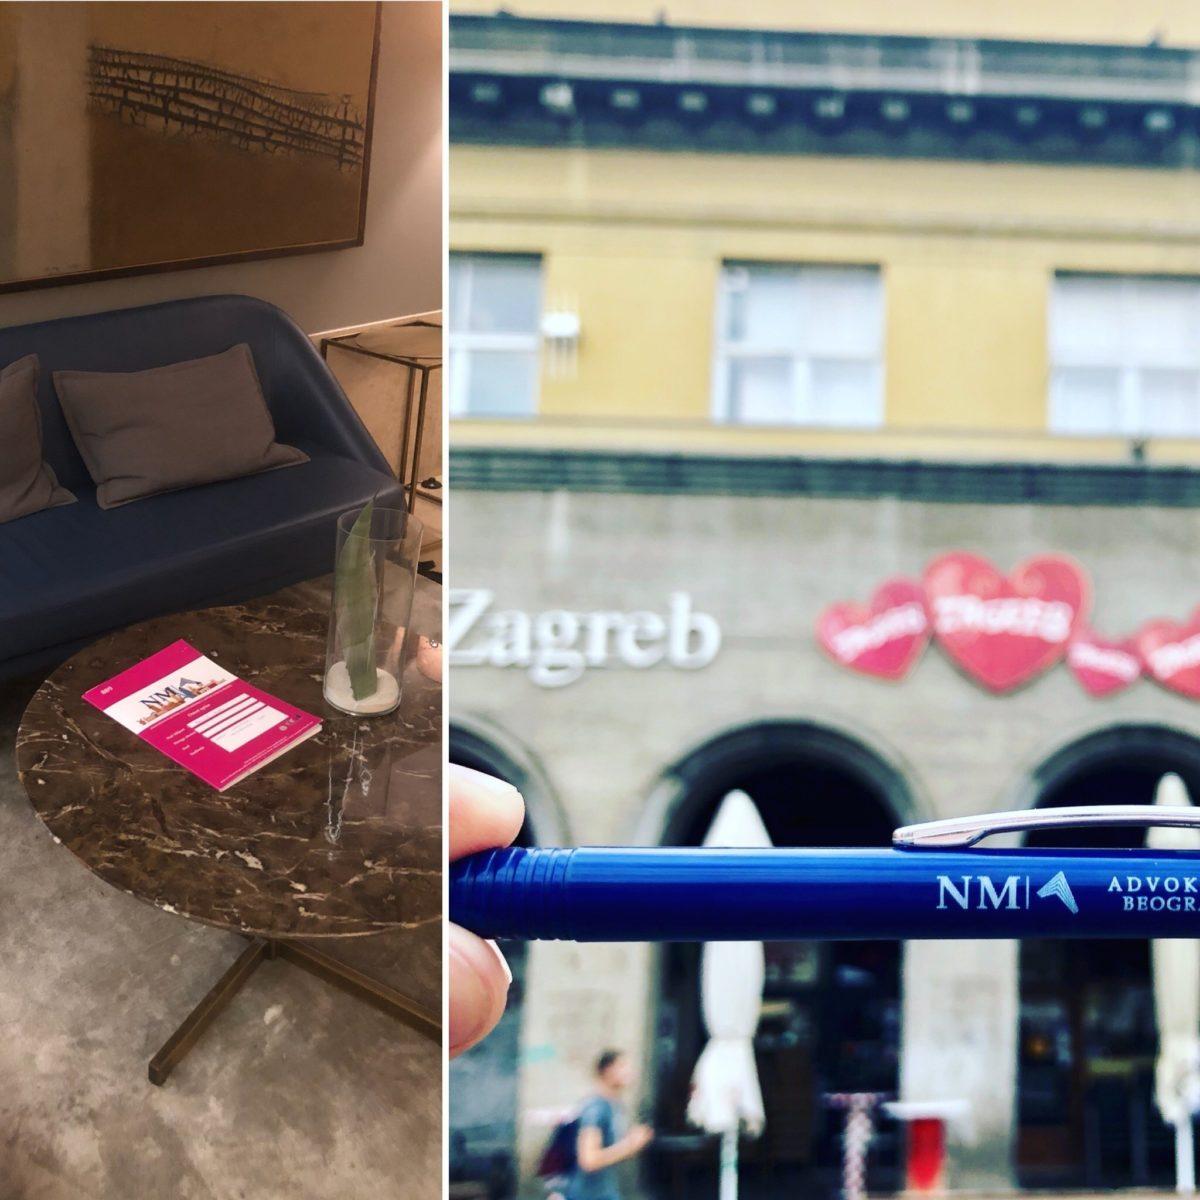 NM advokati otvorili nove poslove u Zagrebu